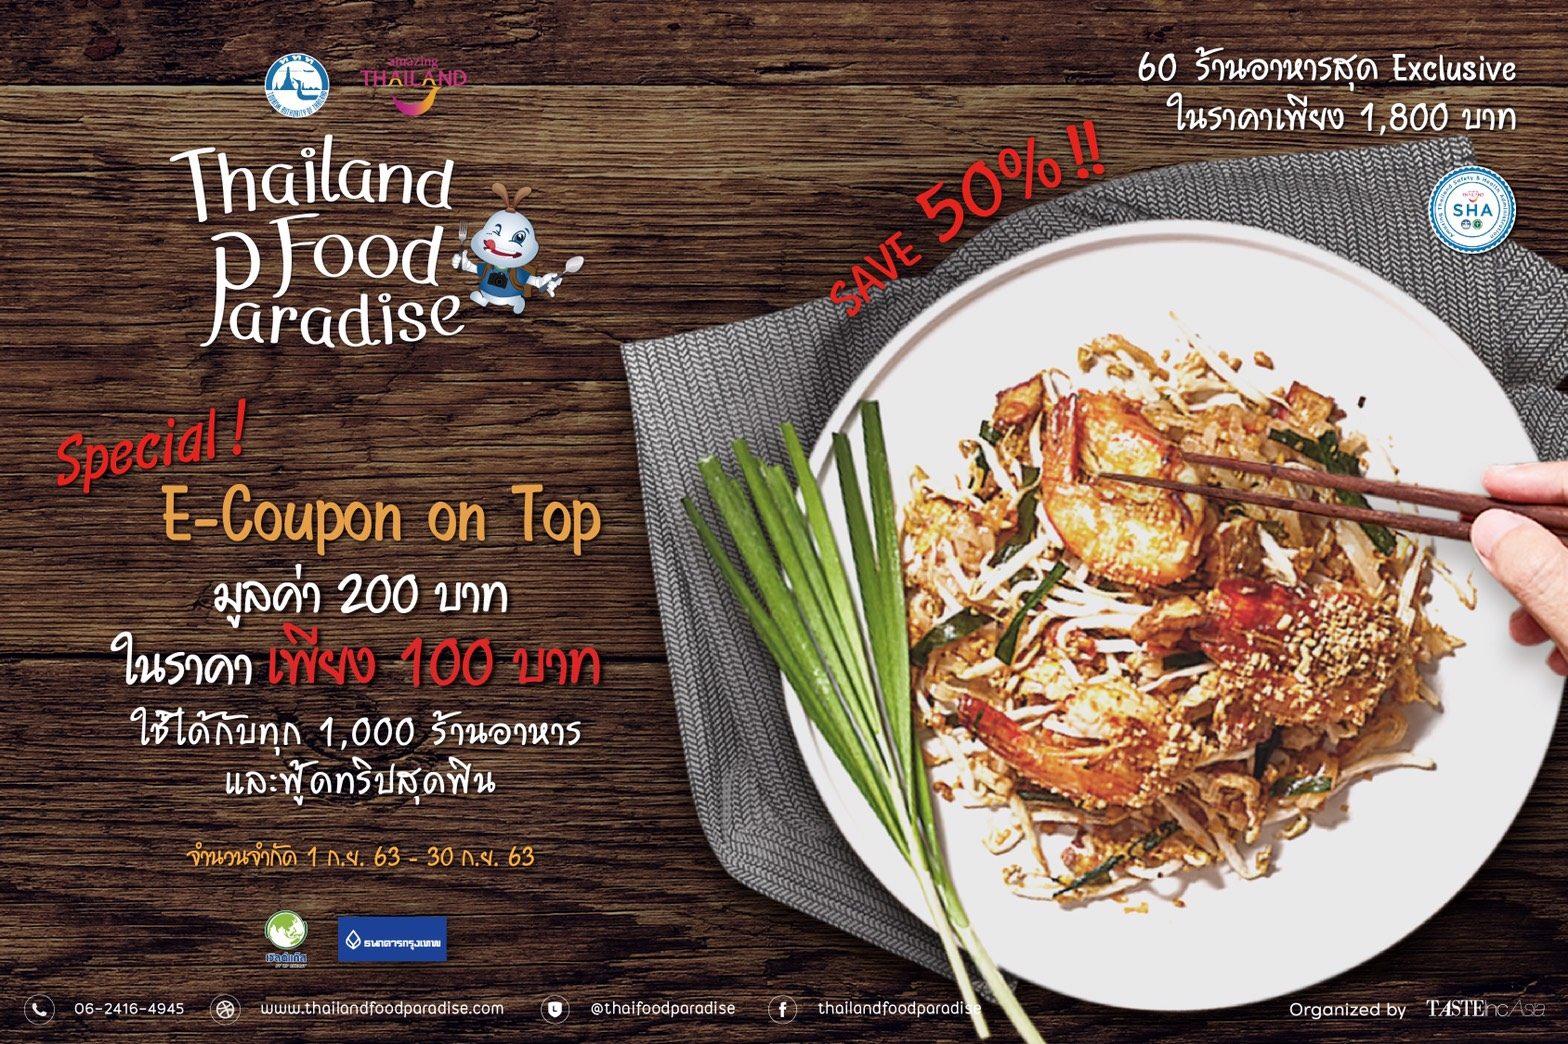 TAT ThailandFoodParadise คิดถึงอาหารจานโปรด ททท